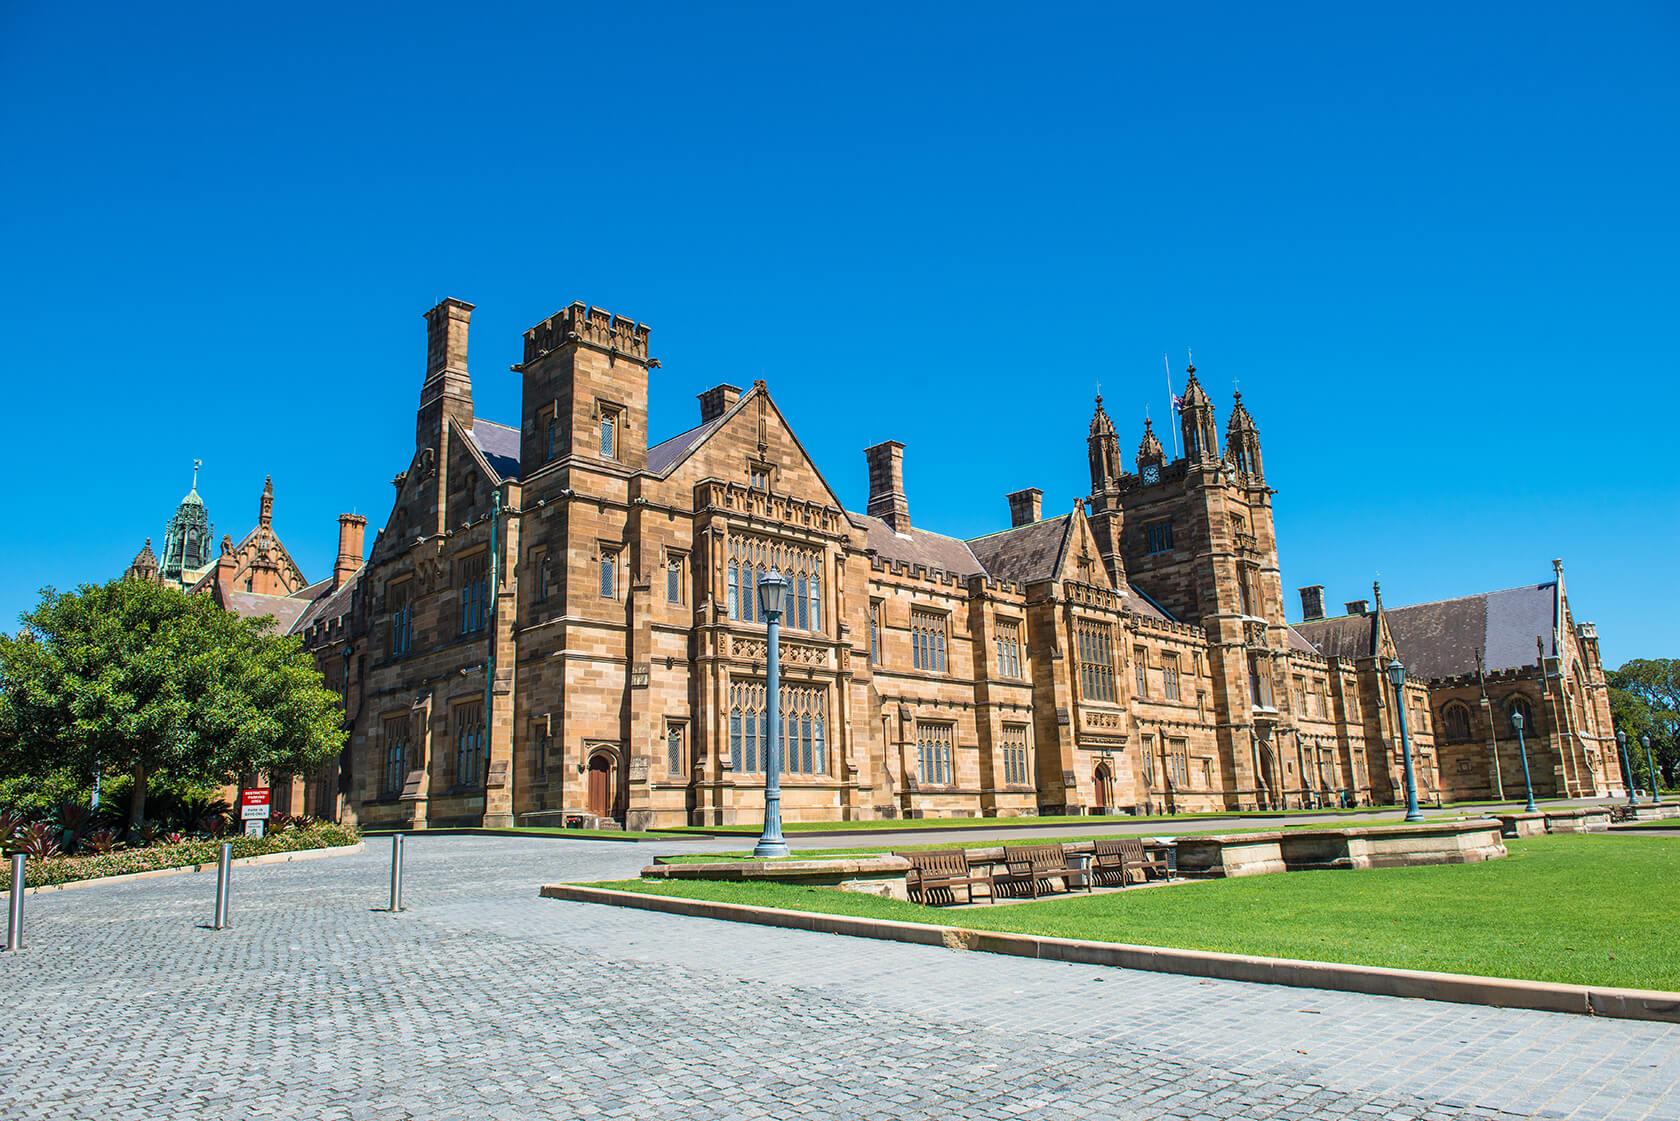 シドニー大学へ進学したい学生、語学留学の両方にお勧めする シドニーの語学学校CET(Centre for English Teaching)